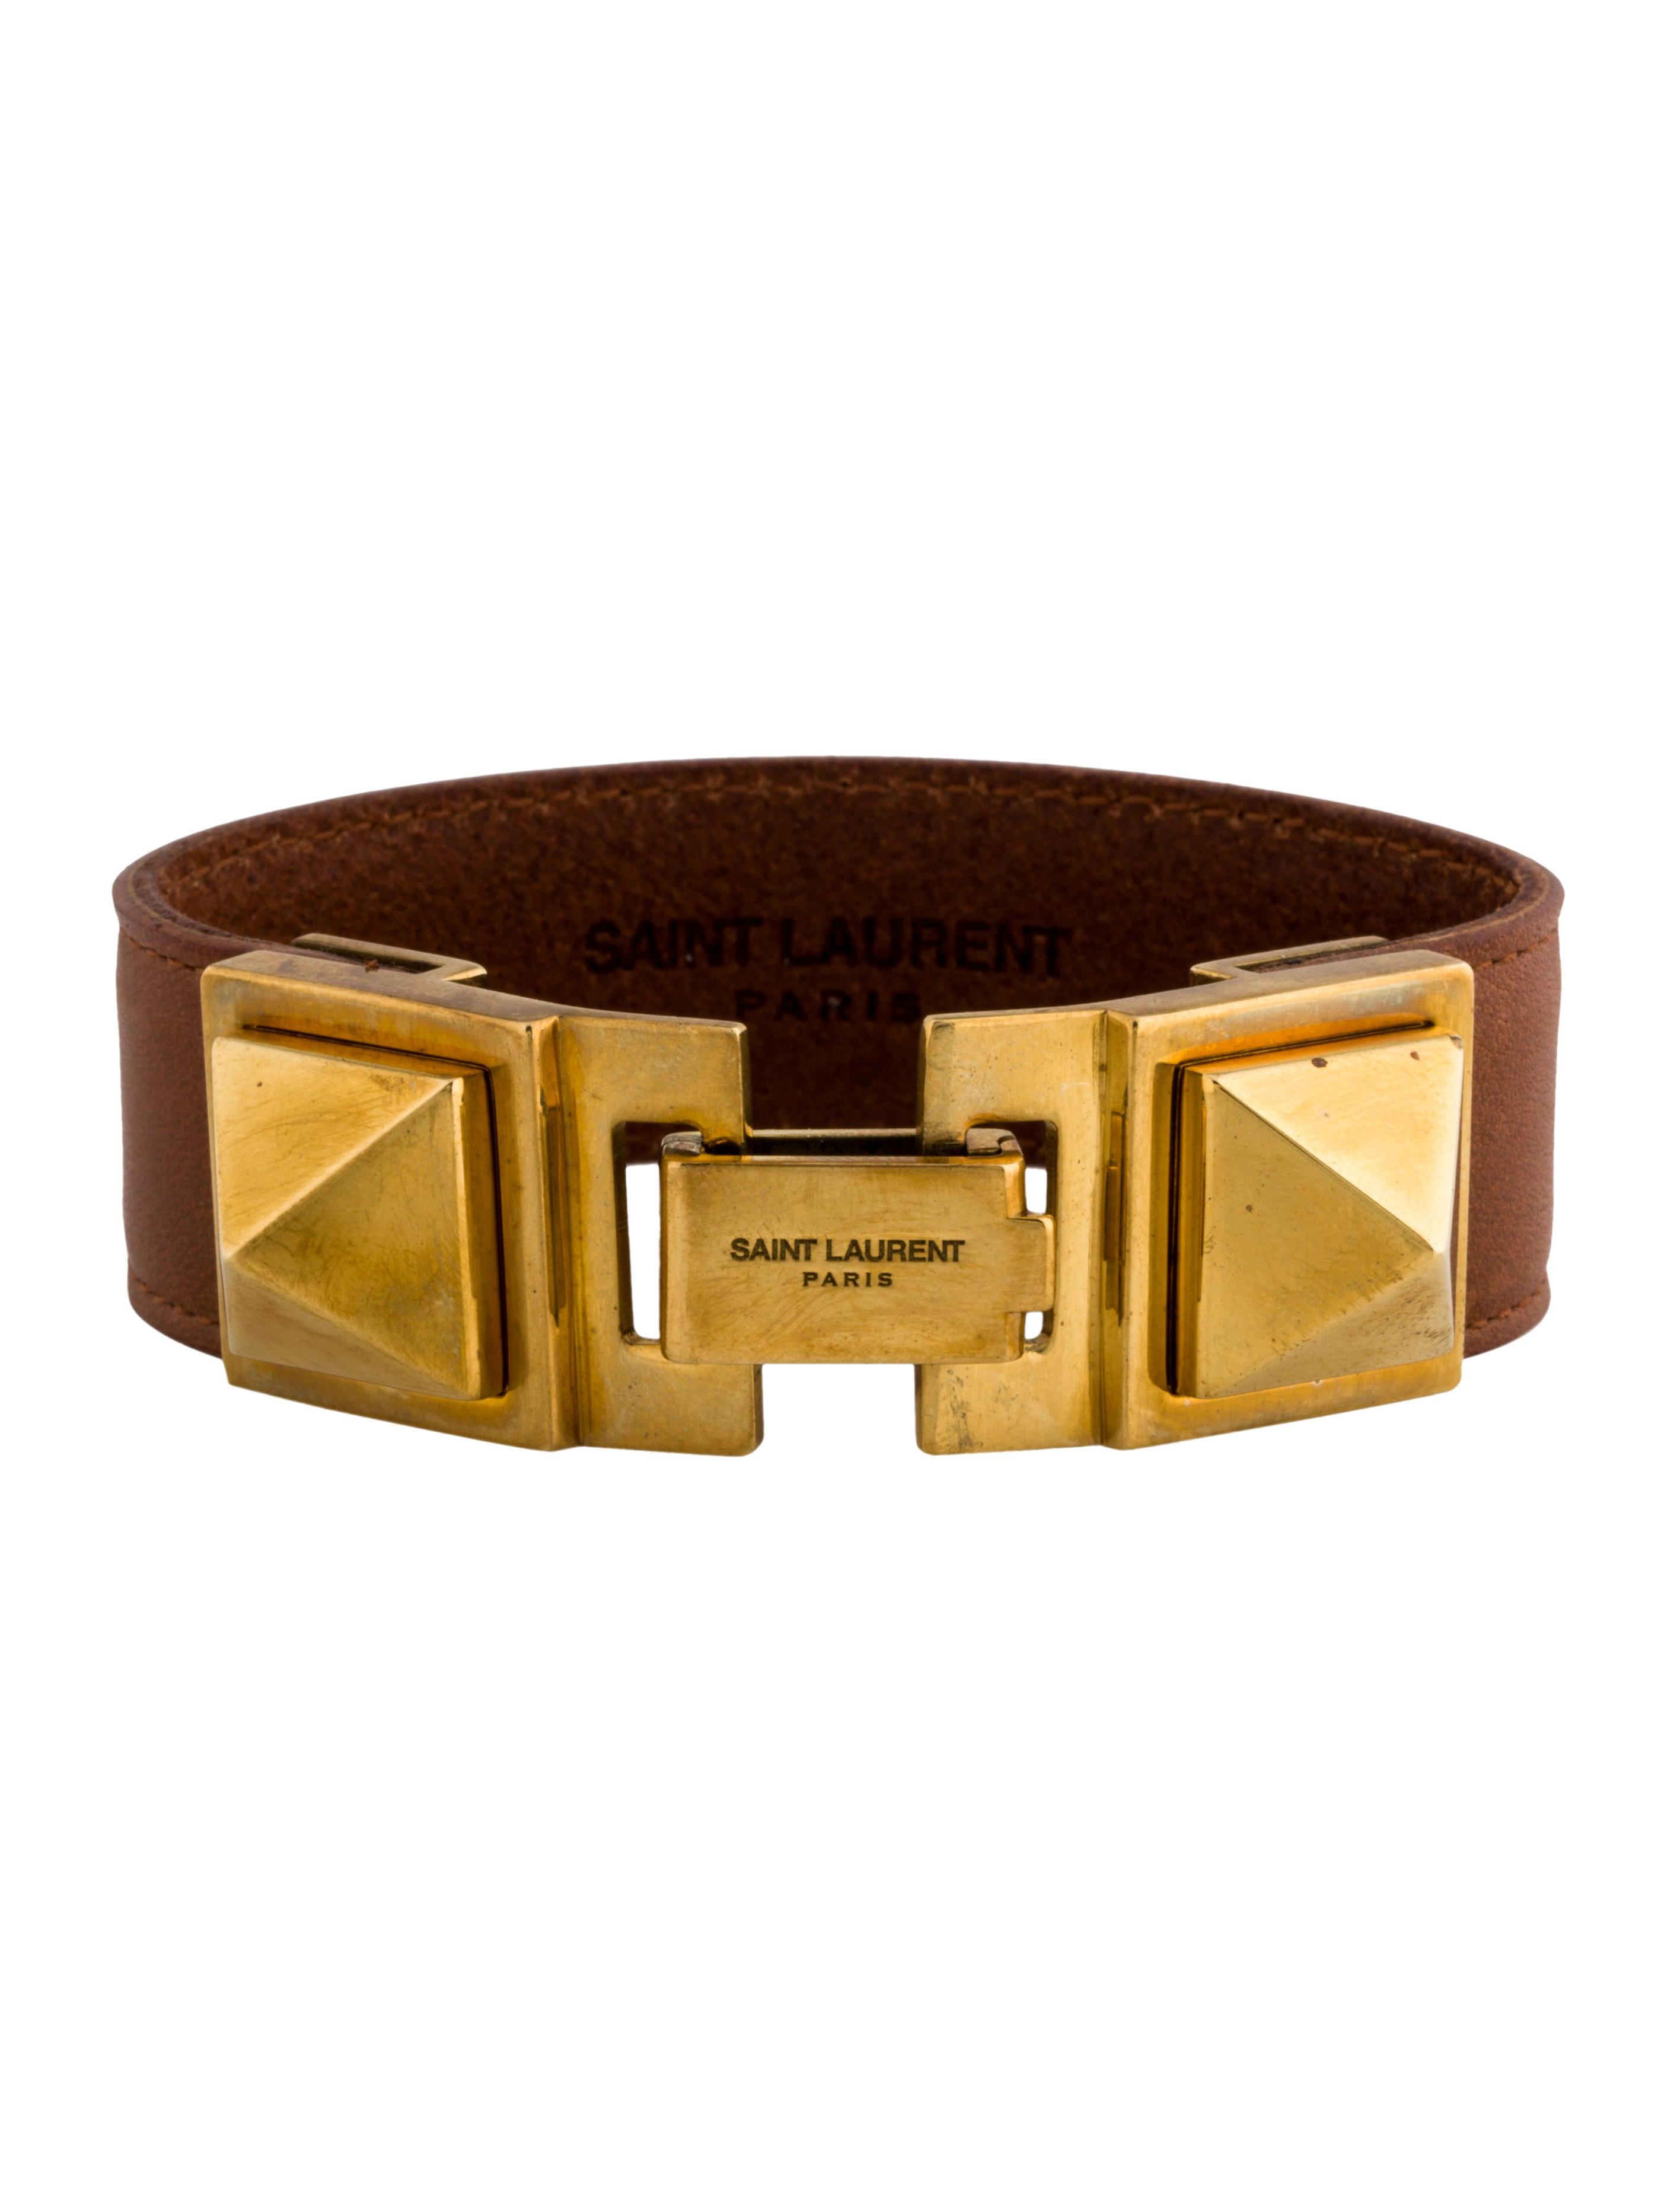 829f21093b0 Saint Laurent Clous Punk Carré Studded Leather Bracelet - Bracelets ...